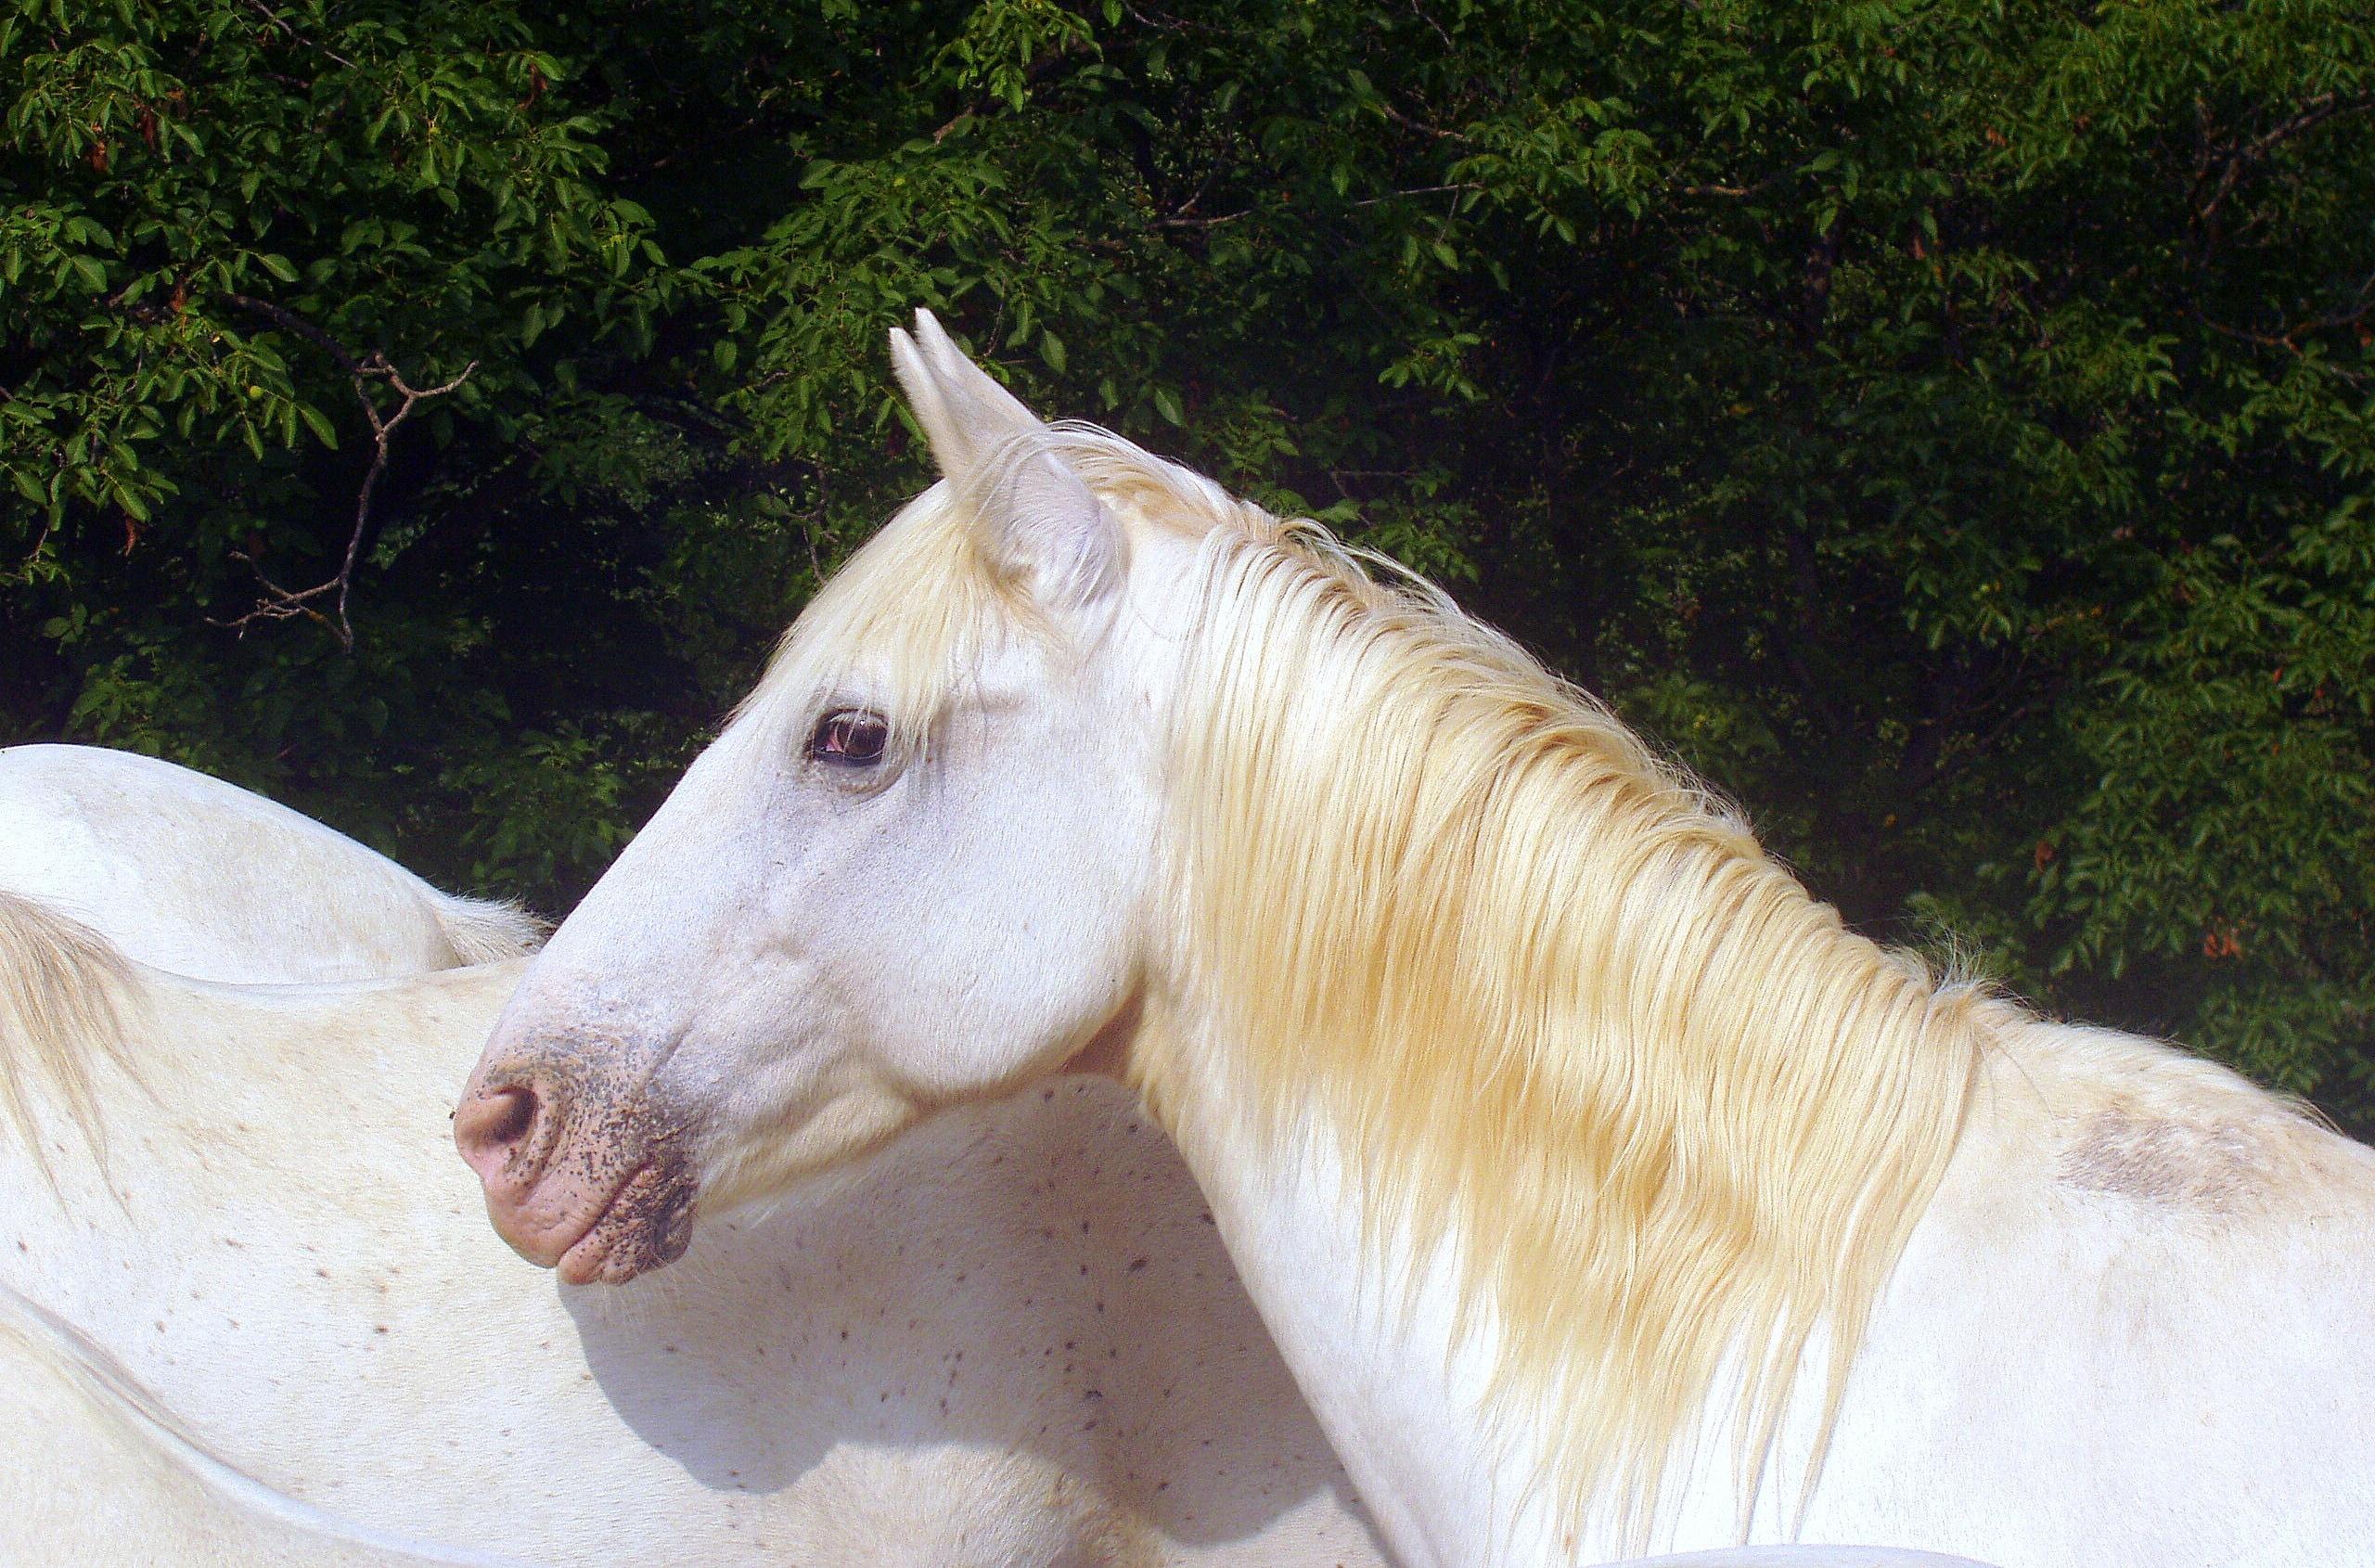 horse-white-animal-crin-eyes-docile-wallpaper.jpg